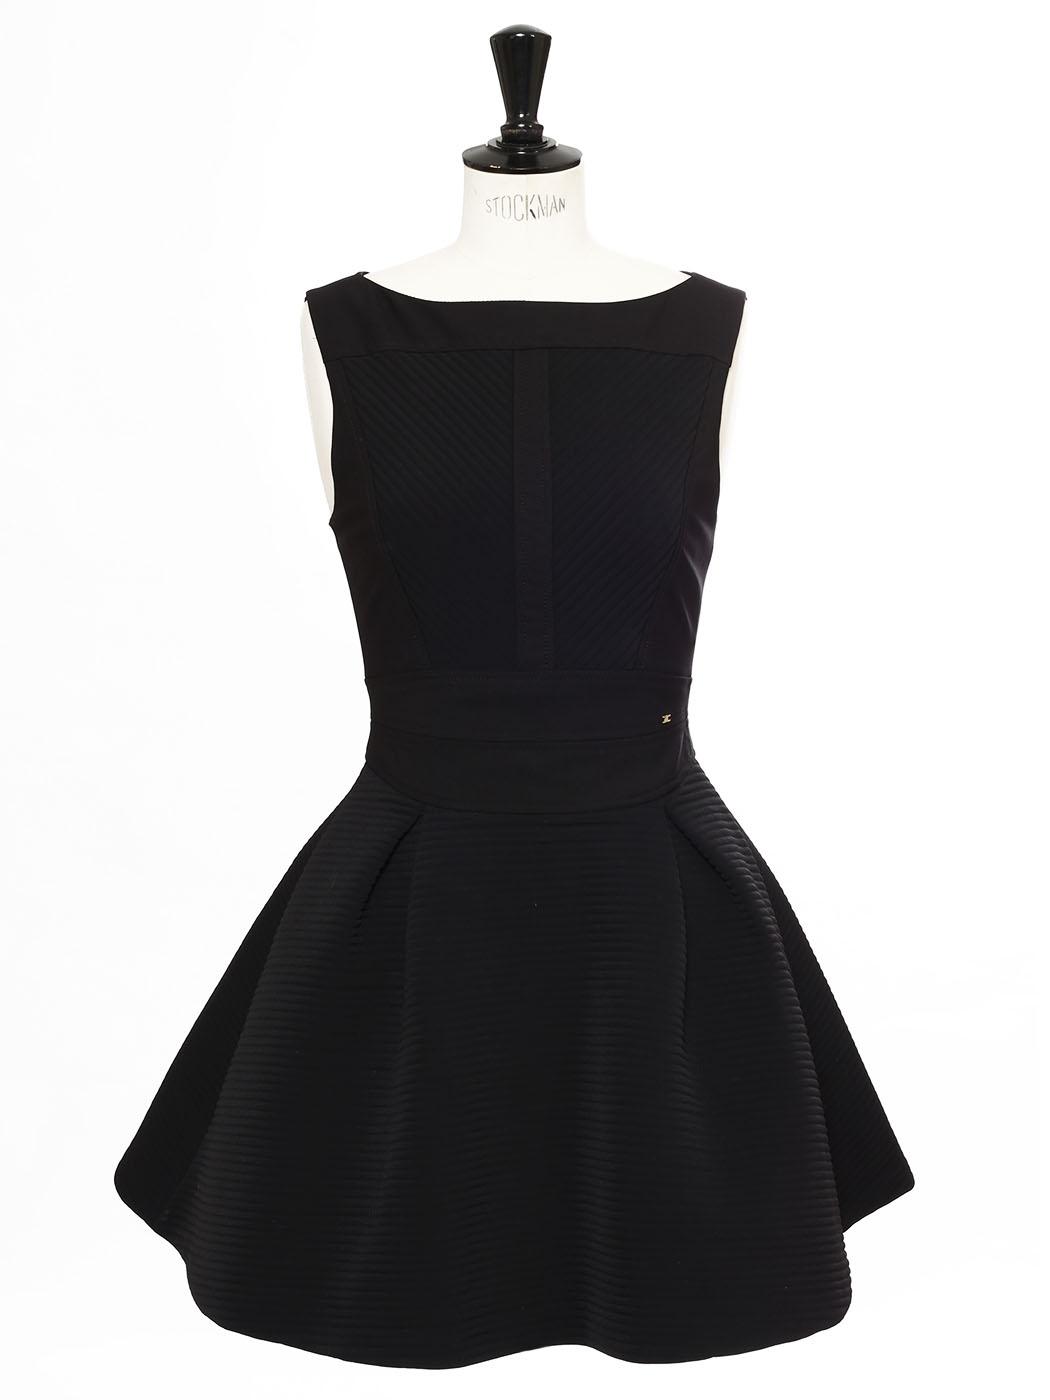 Louise Paris Elisabetta Franchi Petite Robe Noire Courte Cintree Et Evasee Prix Boutique 300 Taille 38